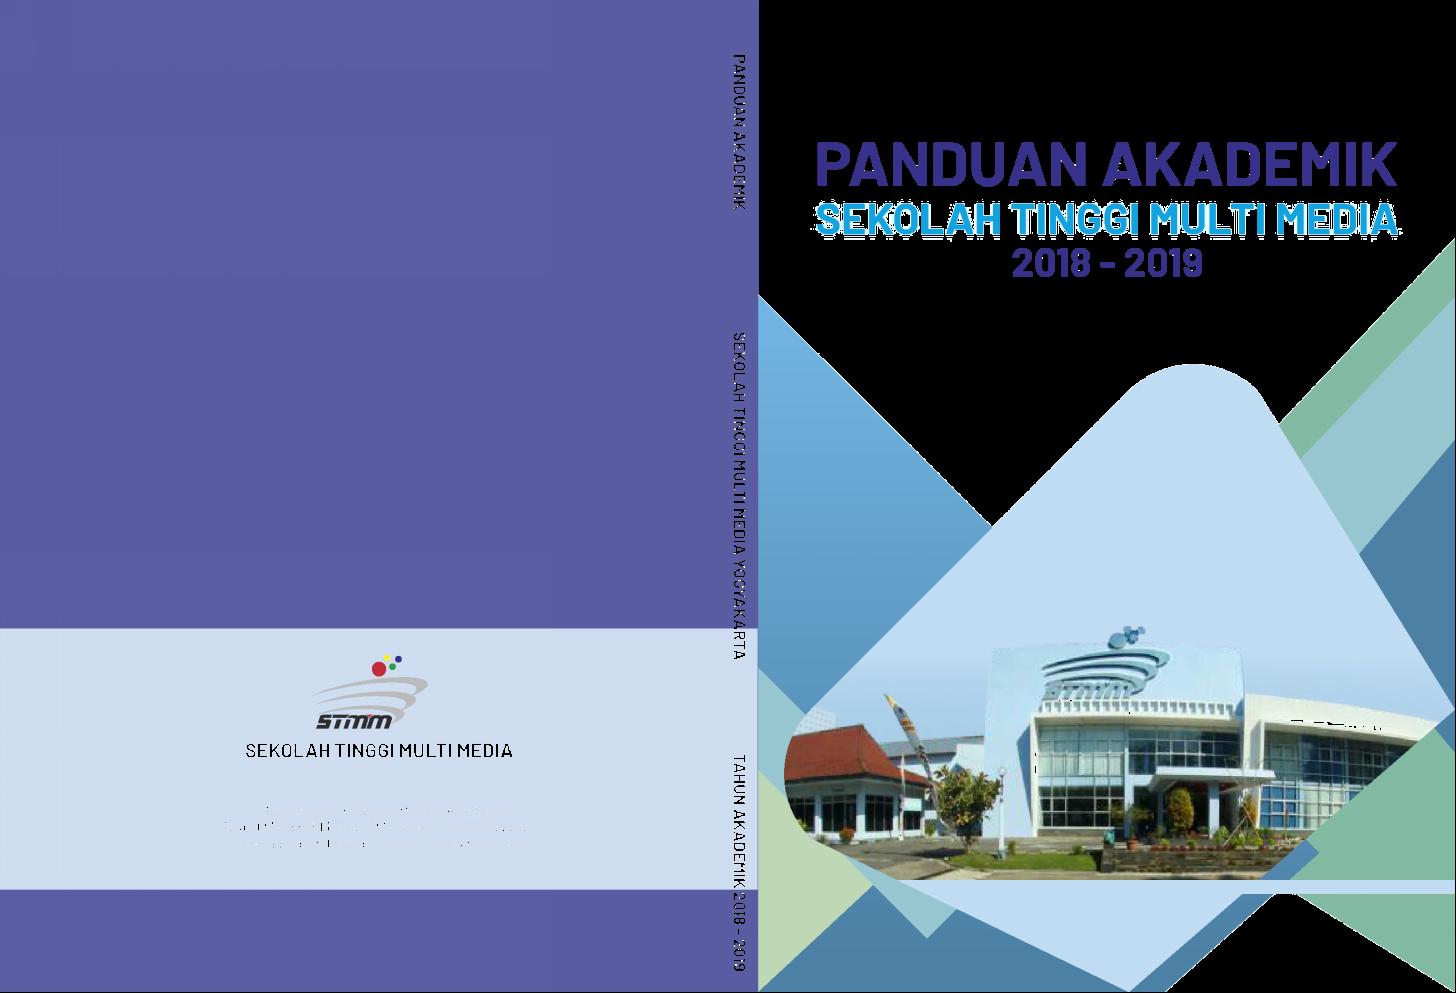 Buku Panduan Akademik STMM 2018/2019